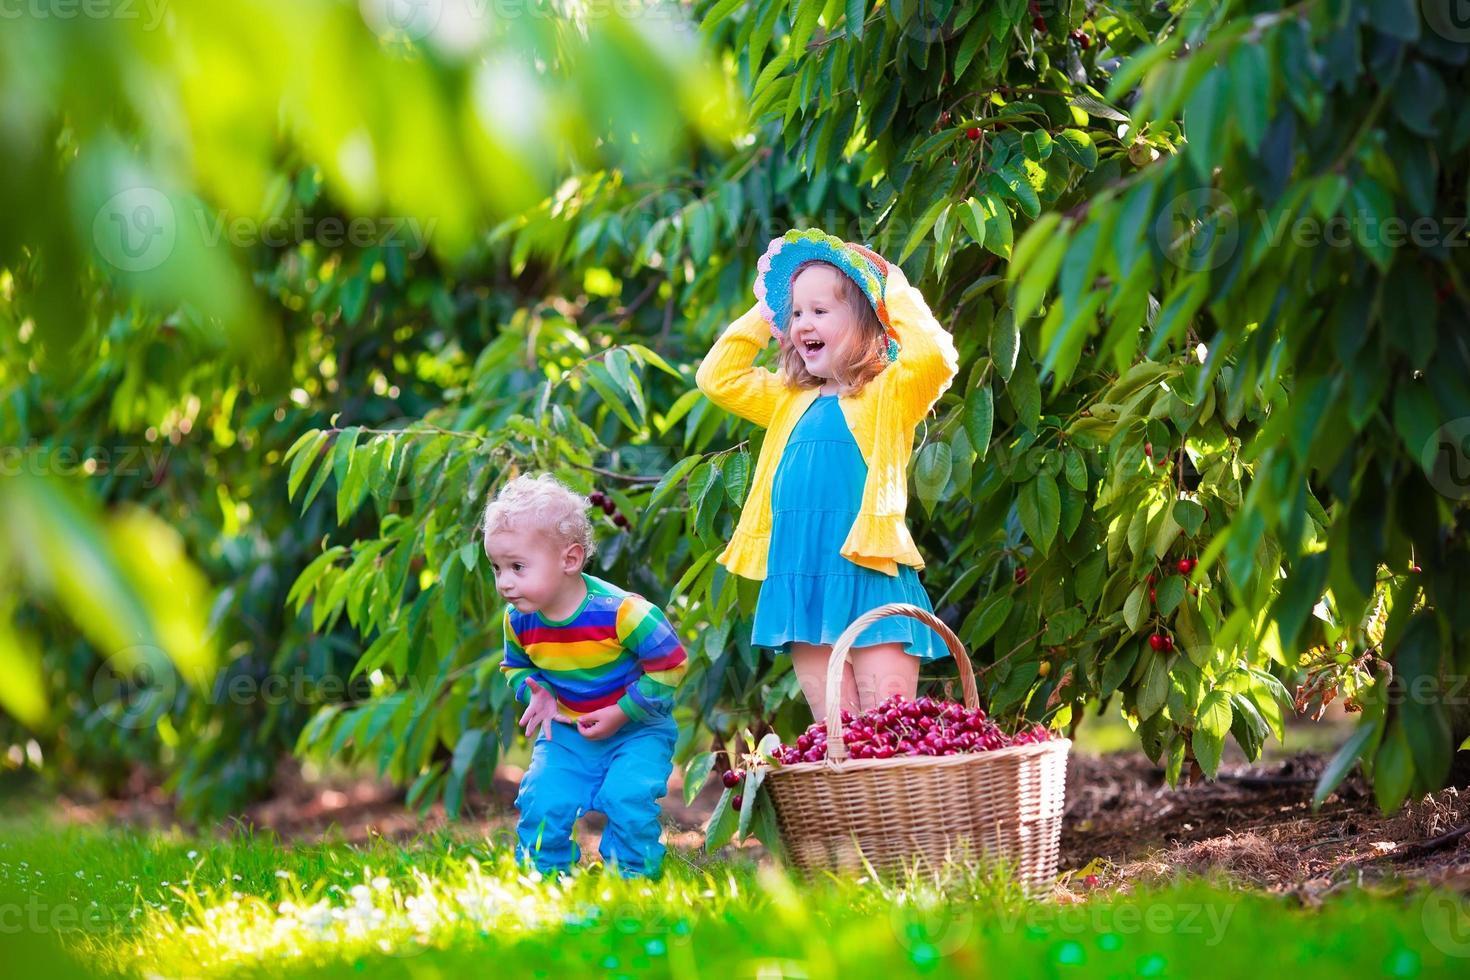 glada barn som plockar körsbärsfrukt på en gård foto